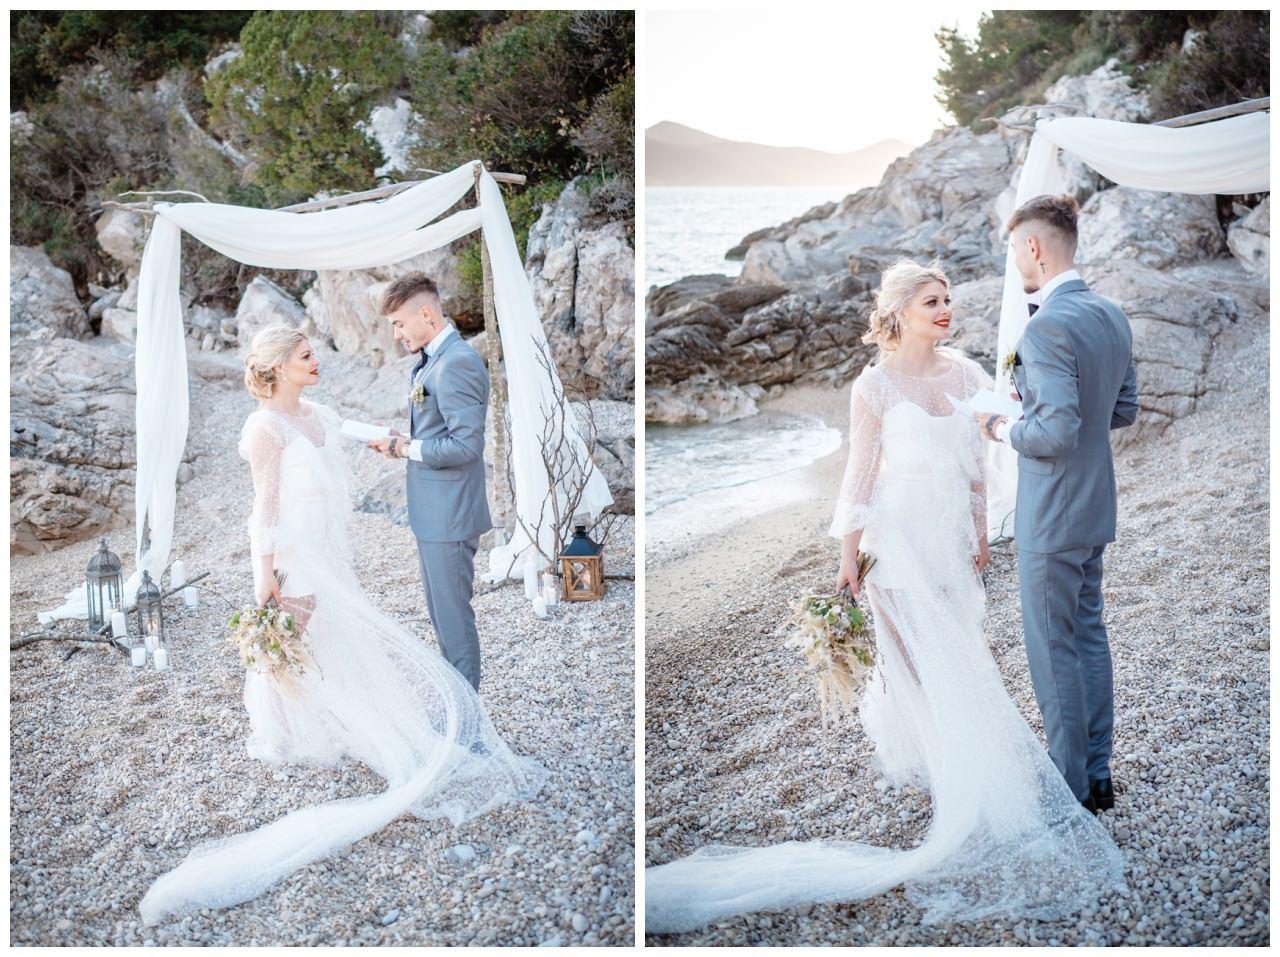 Hochzeit Strand Kroatien Hochzetsplanung Hochzeitsplaner Fotograf 9 - Kleine Hochzeit am Strand